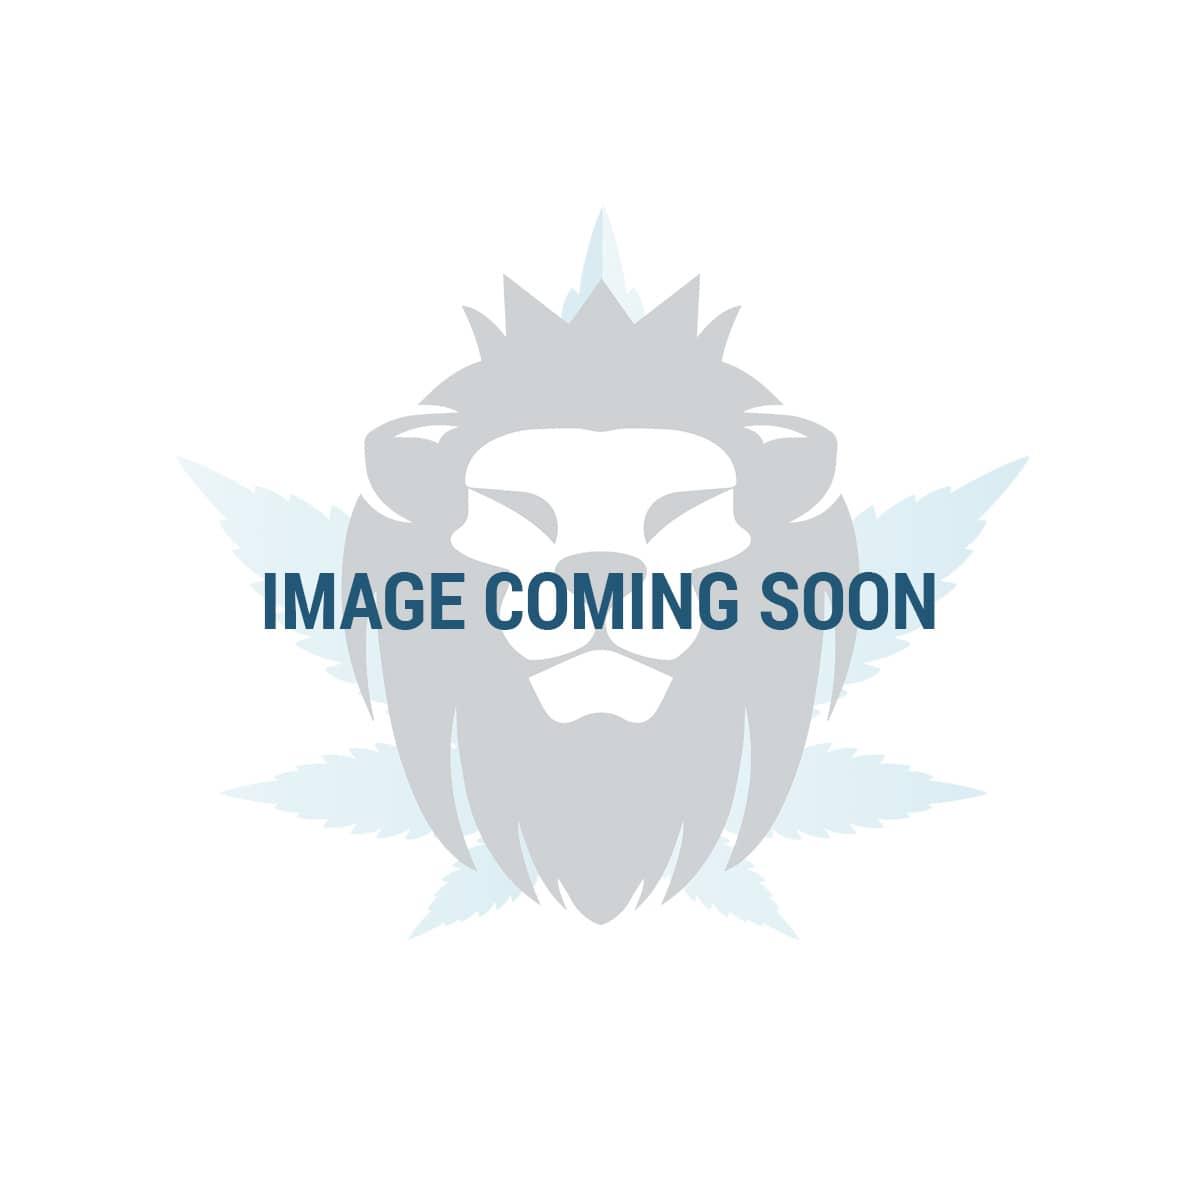 2 part sharp tooth window grinder